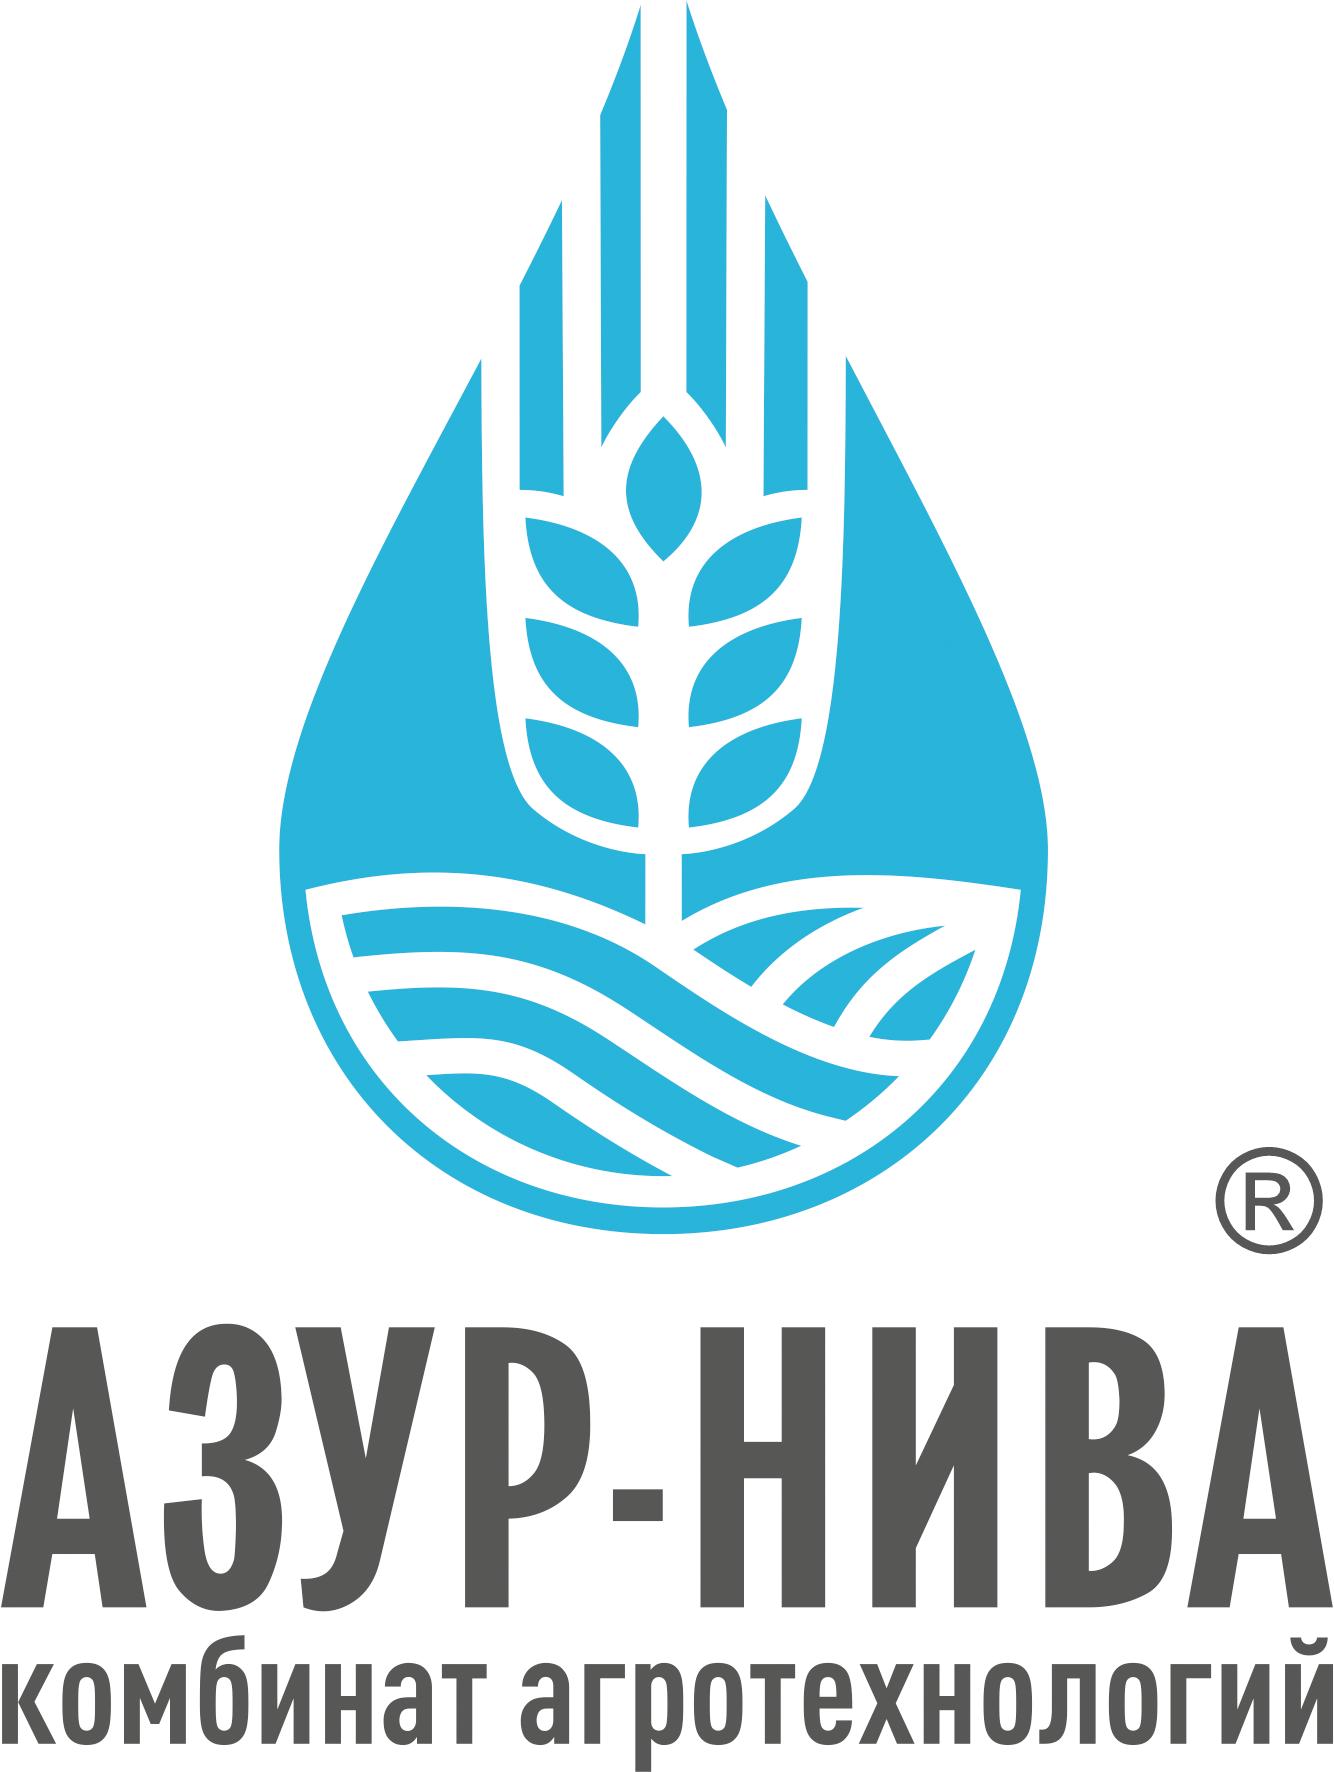 ООО «Комбинат агротехнологий Азур-Нива»